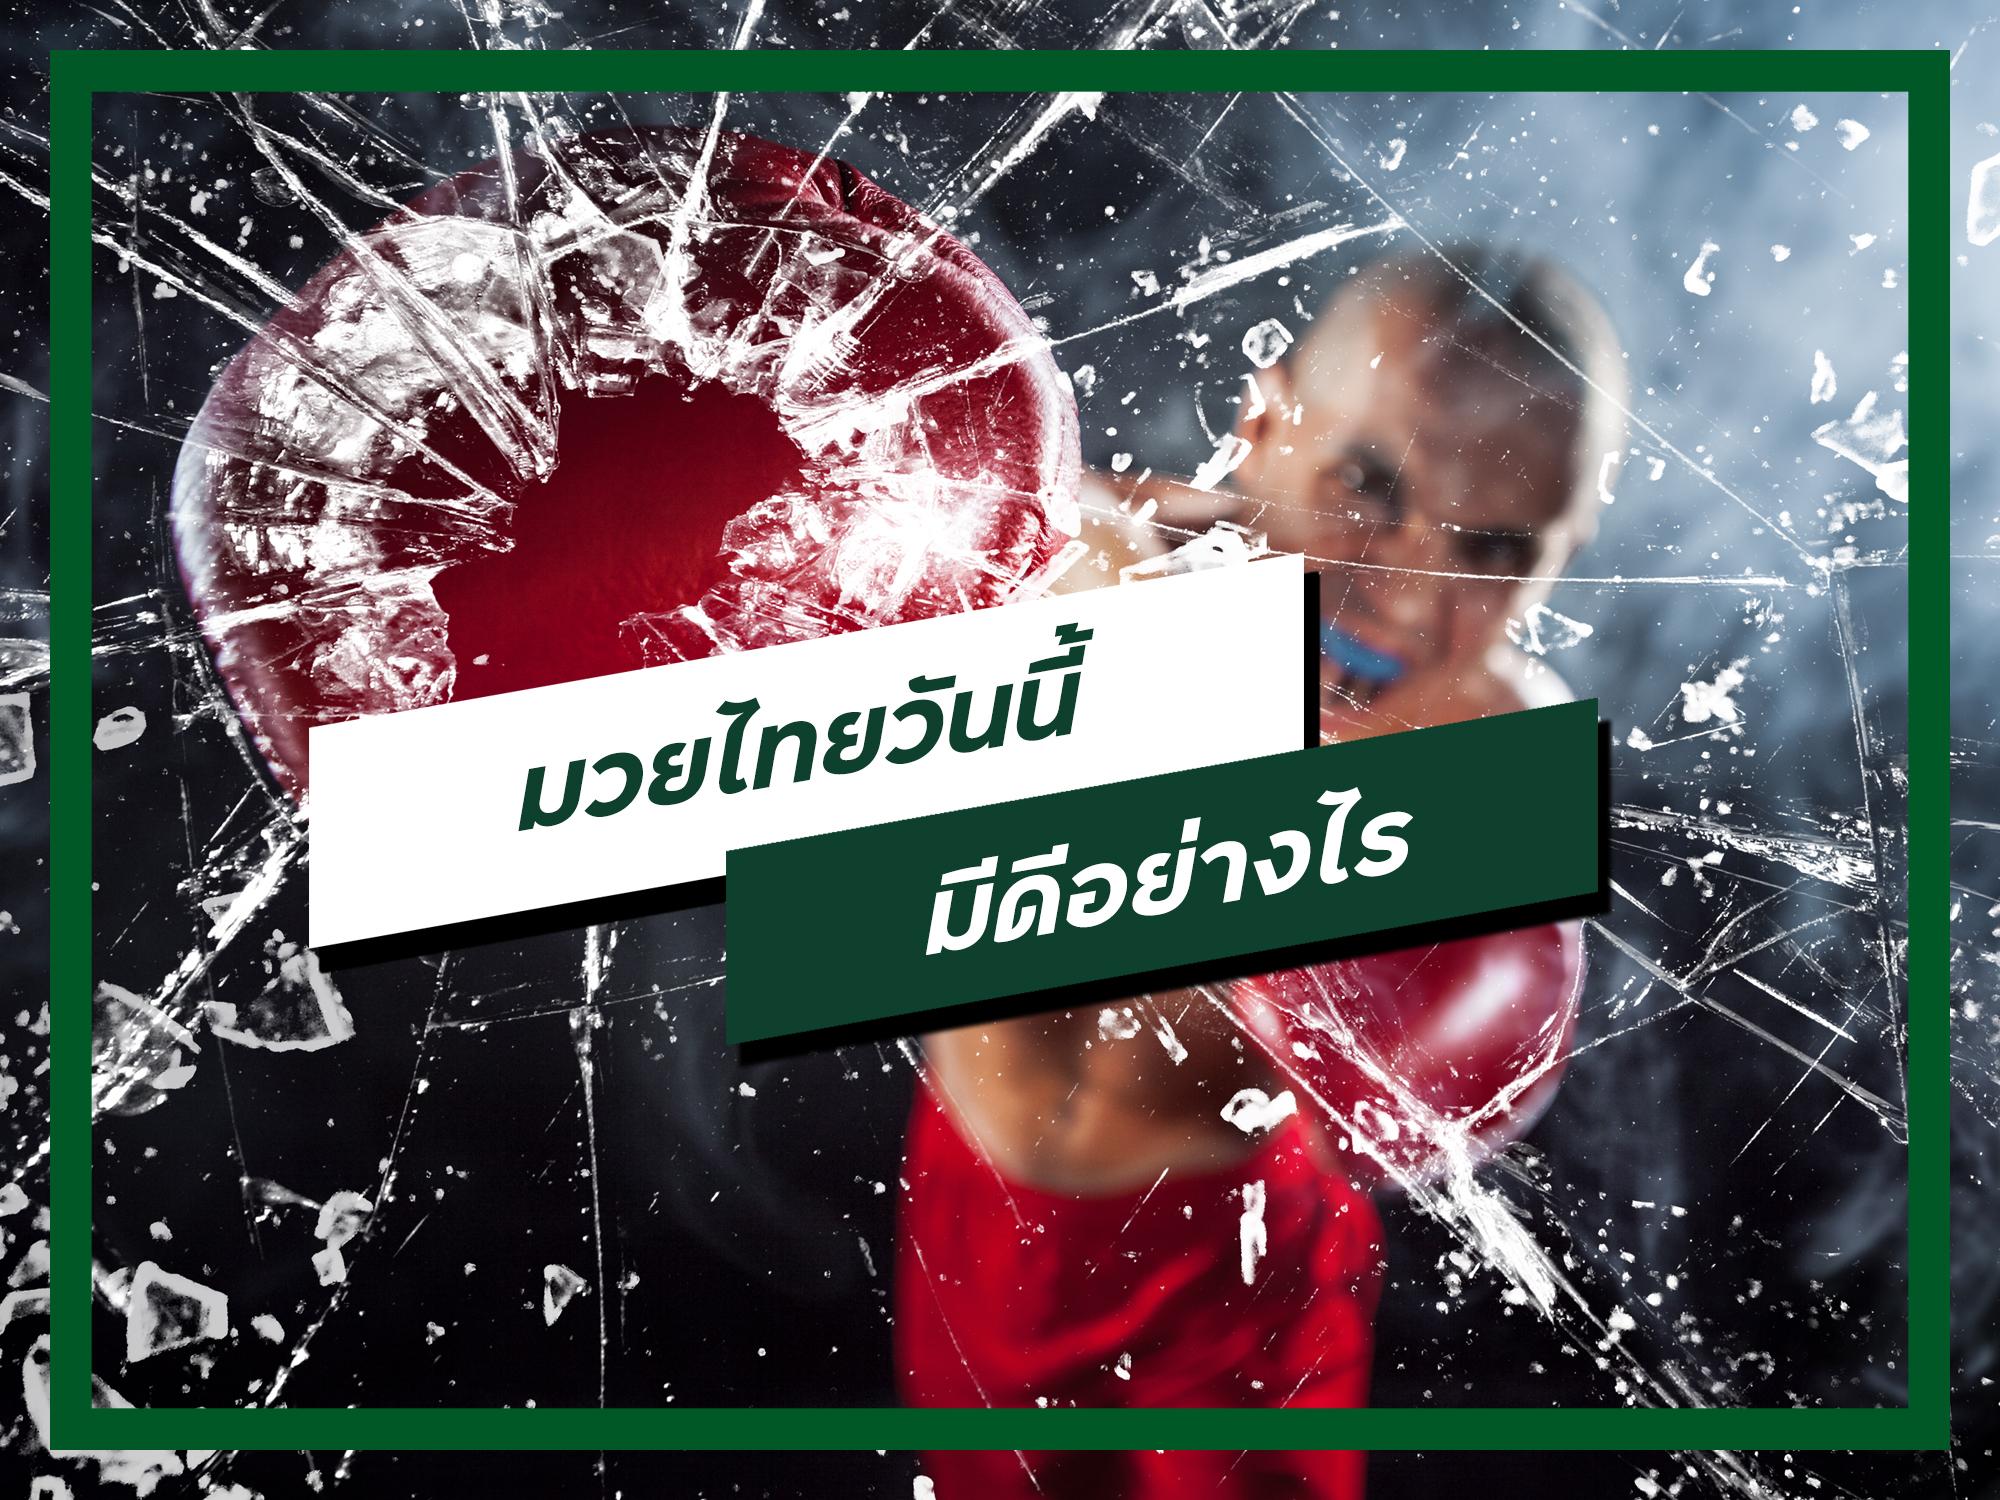 มวยไทยวันนี้ มีดีอย่างไร มวยไทยในวันนี้